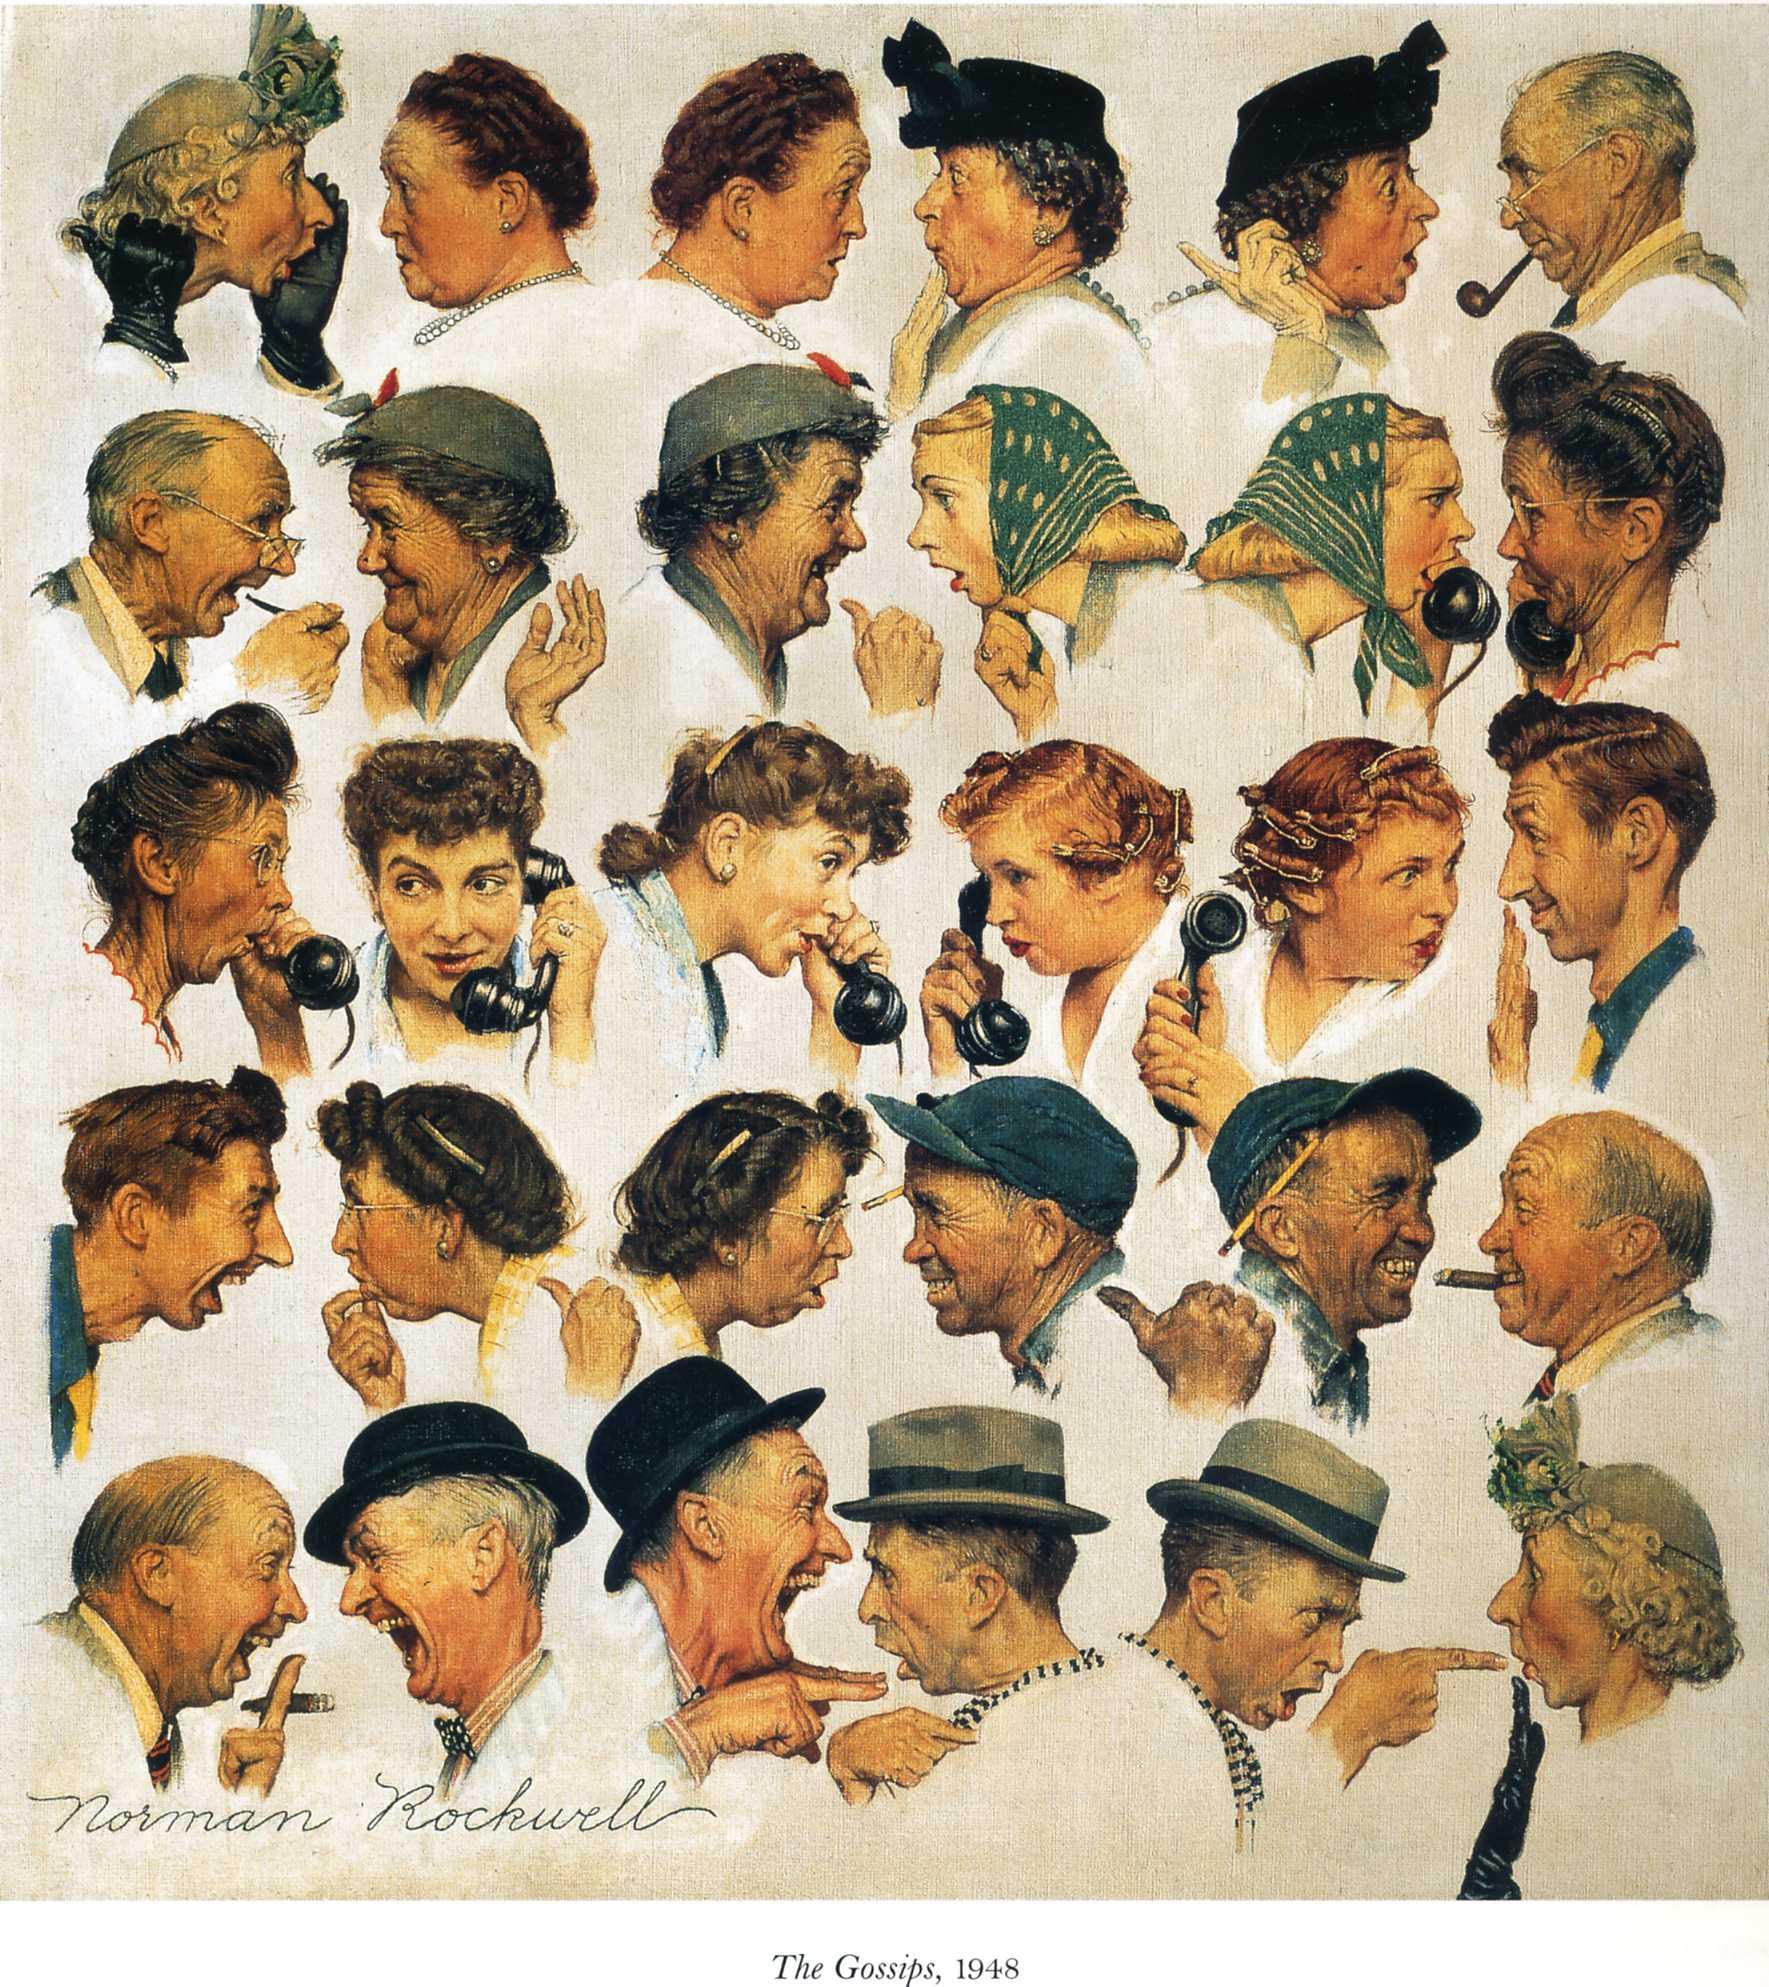 La celebre bellissima immagine di Norman Rockwell su chiacchiere e spetteguless (per dirla alla milanese)